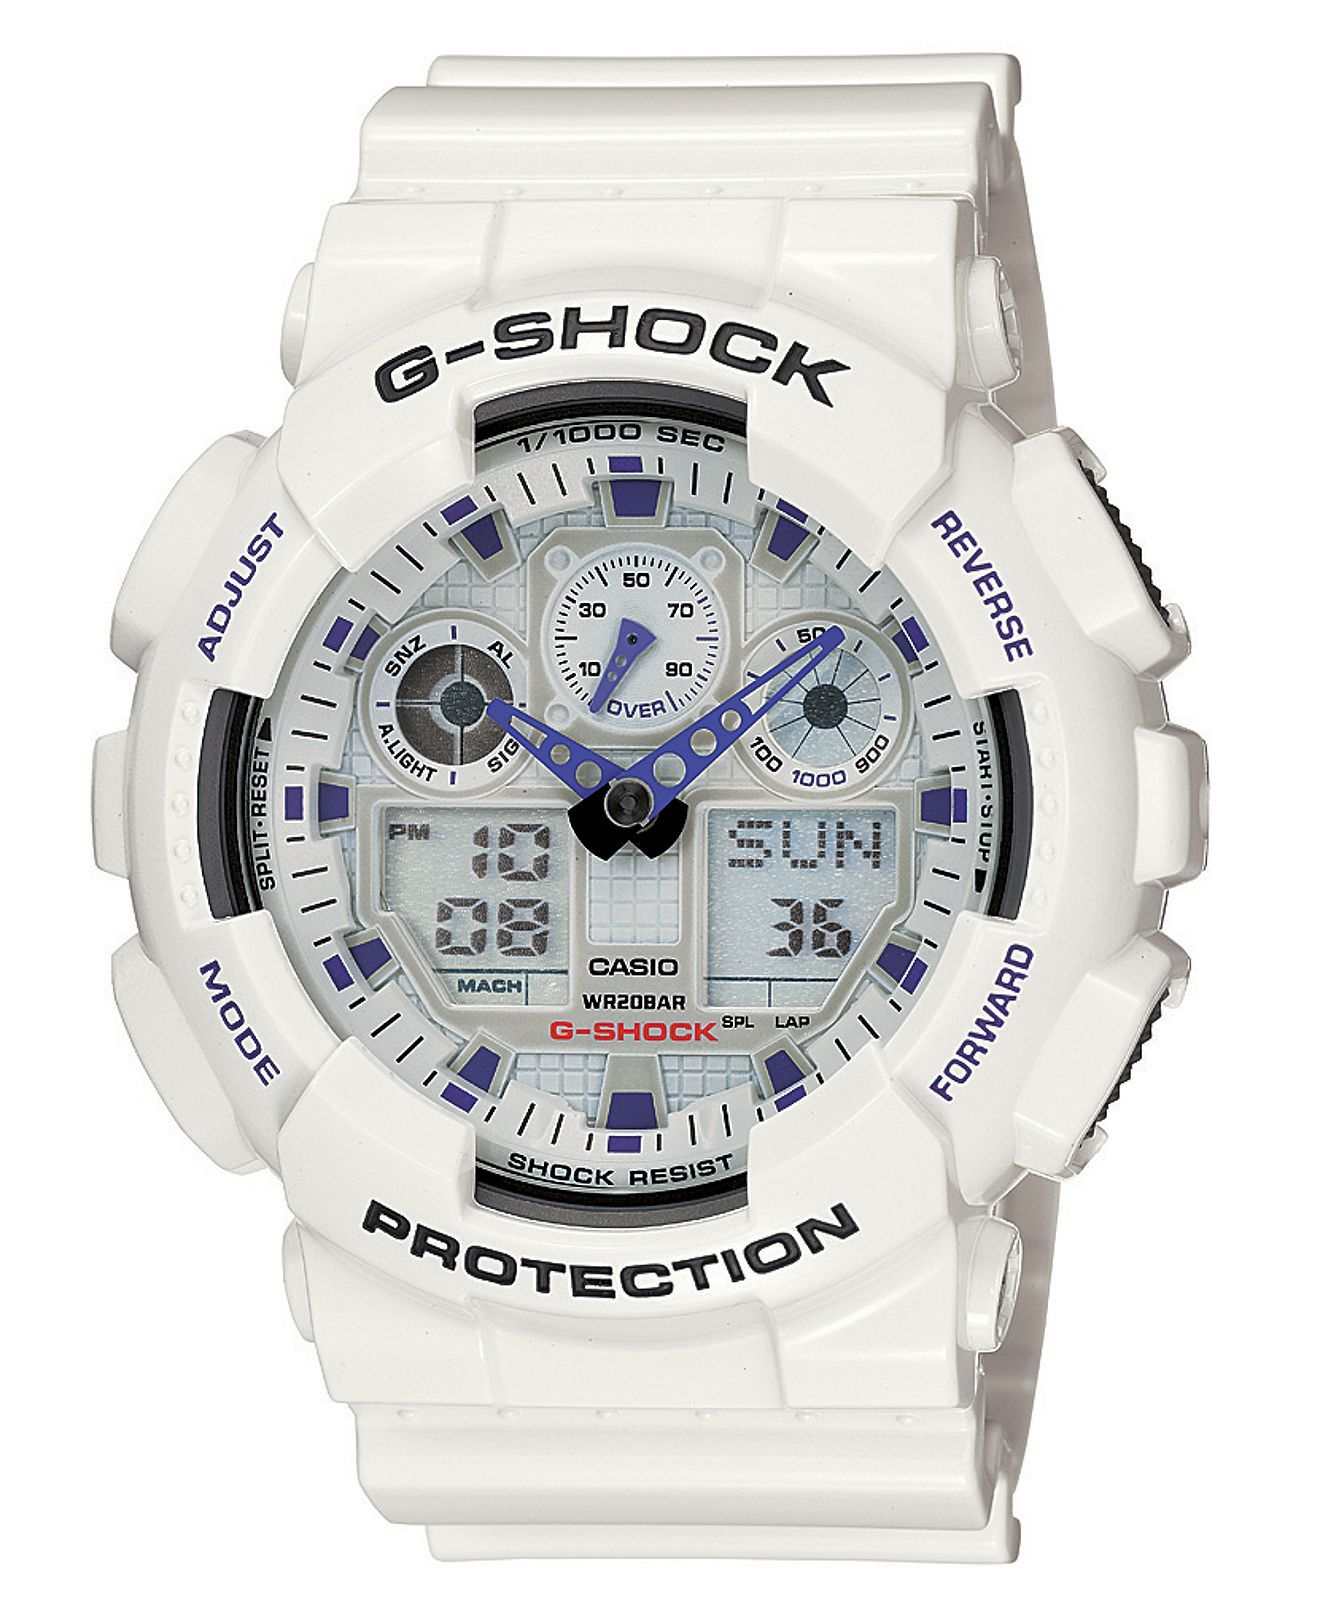 инструкция к часам casio g-shock 5230